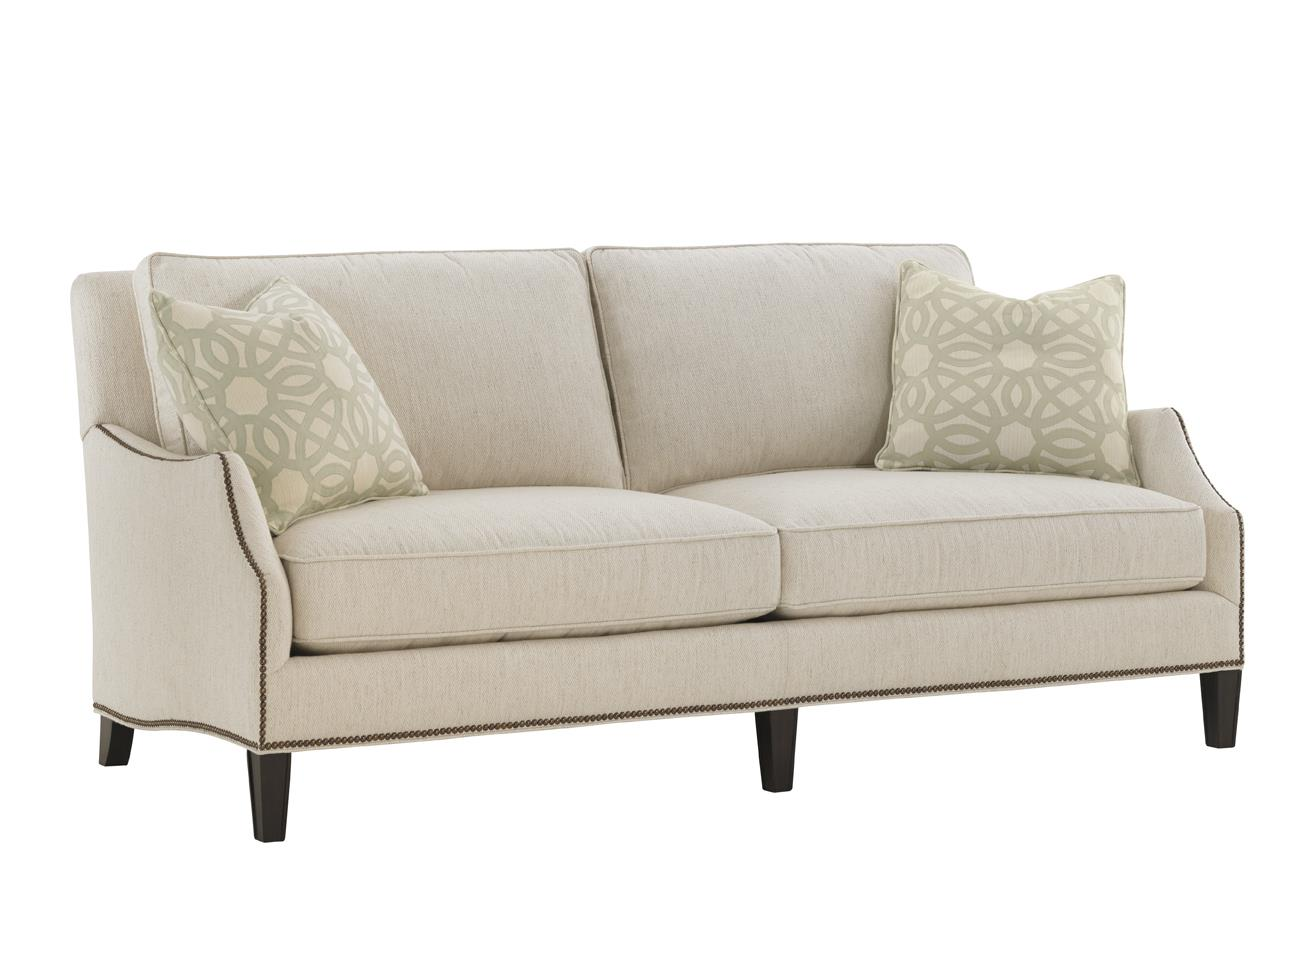 Kensington Place Ashton Demi Sofa by Lexington at Baer's Furniture